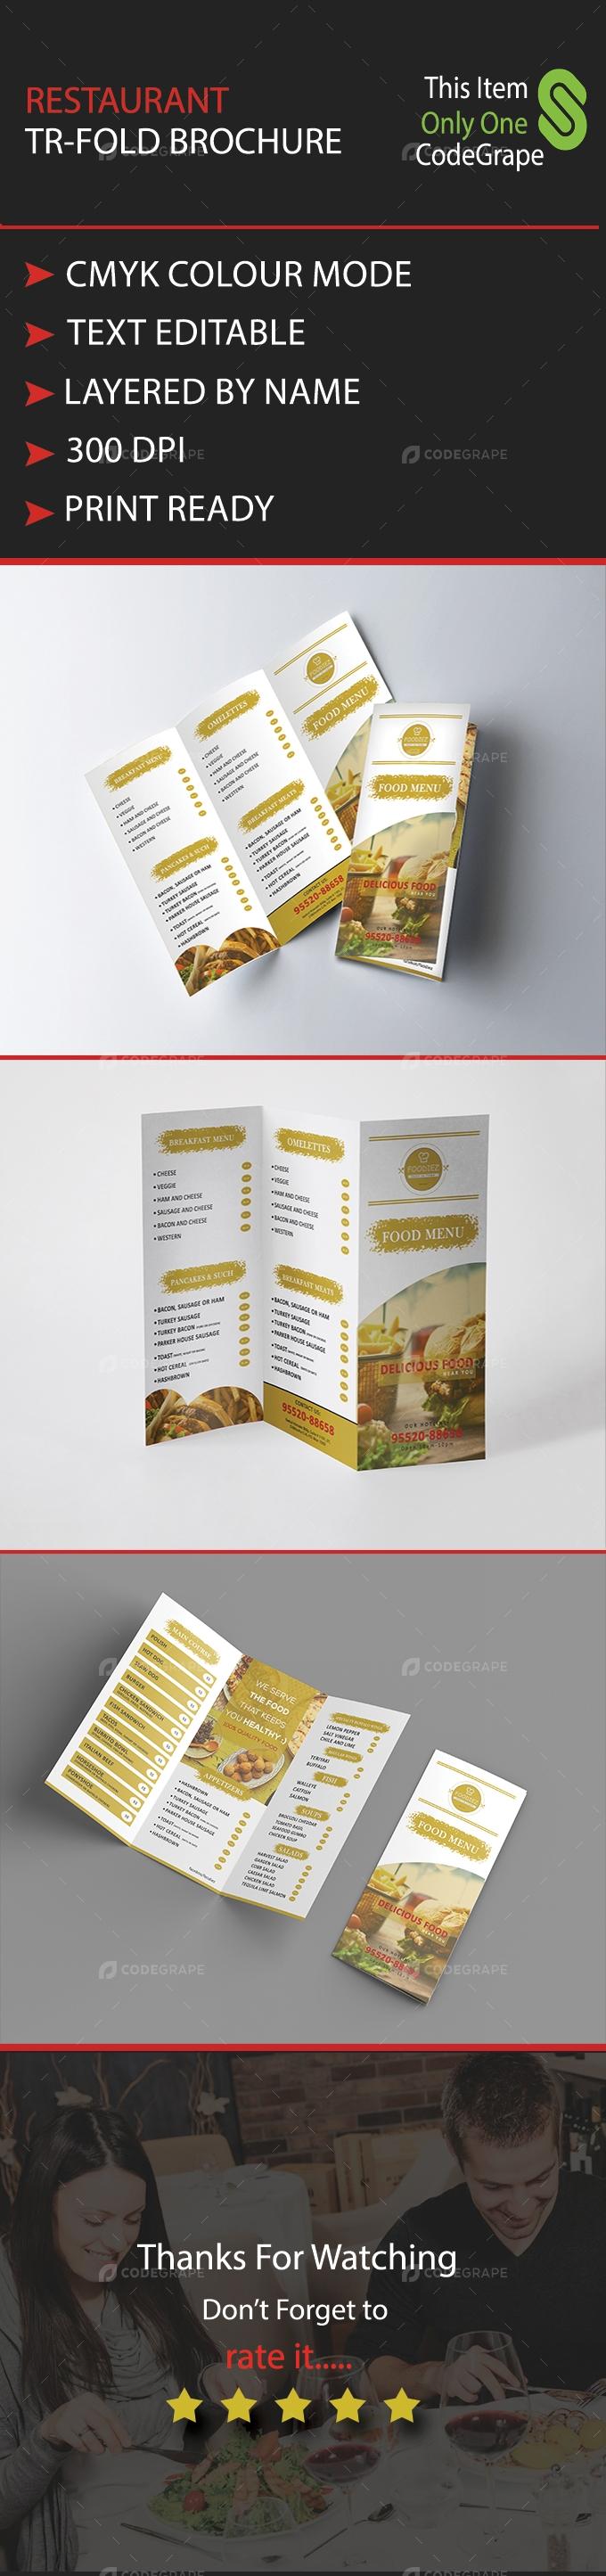 Restaurant Tr-fold Brochure